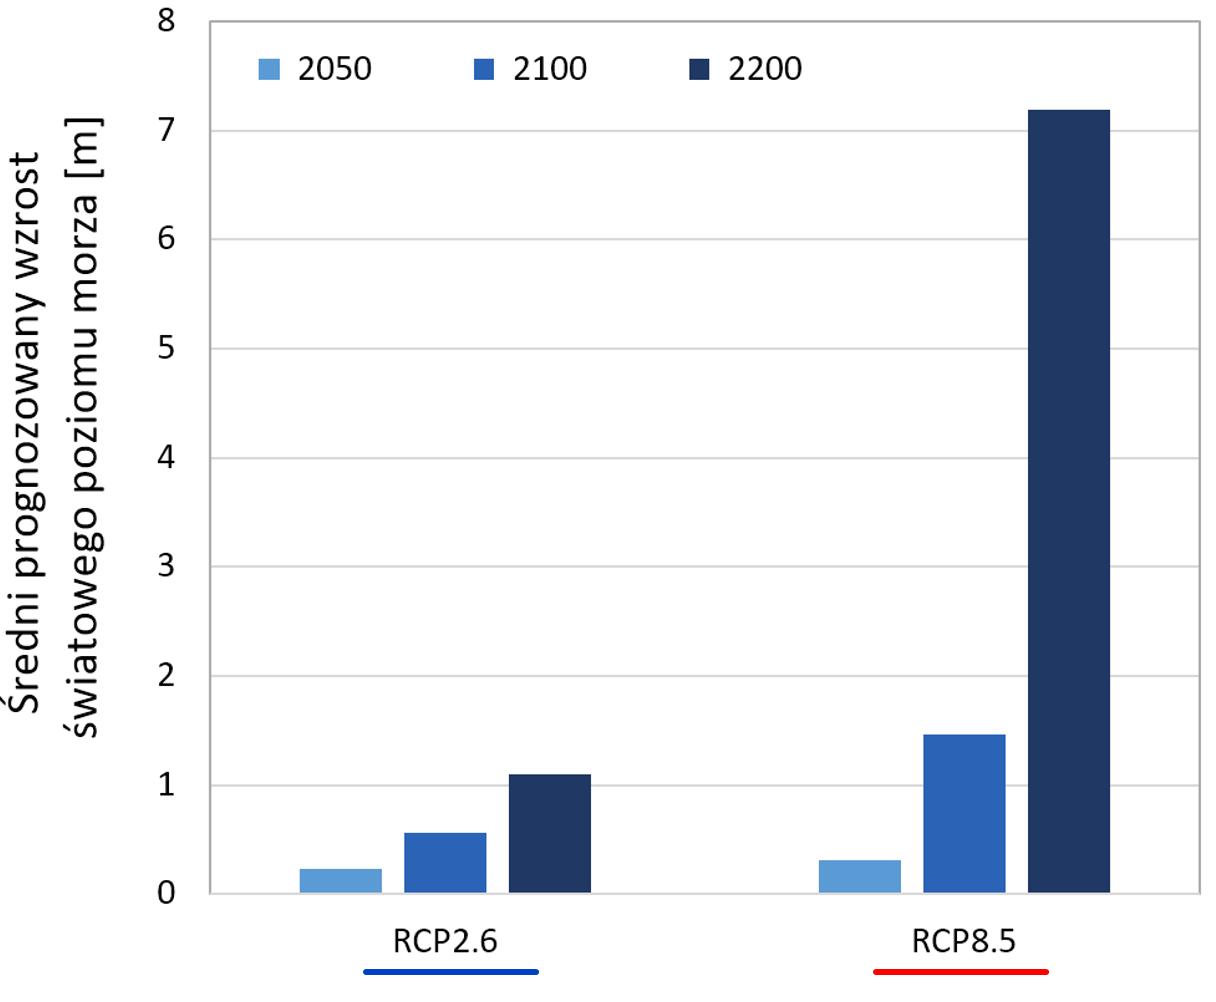 Wykresy prognozowany wzrost poziomu morza, zależnie od scenariusza emisji.